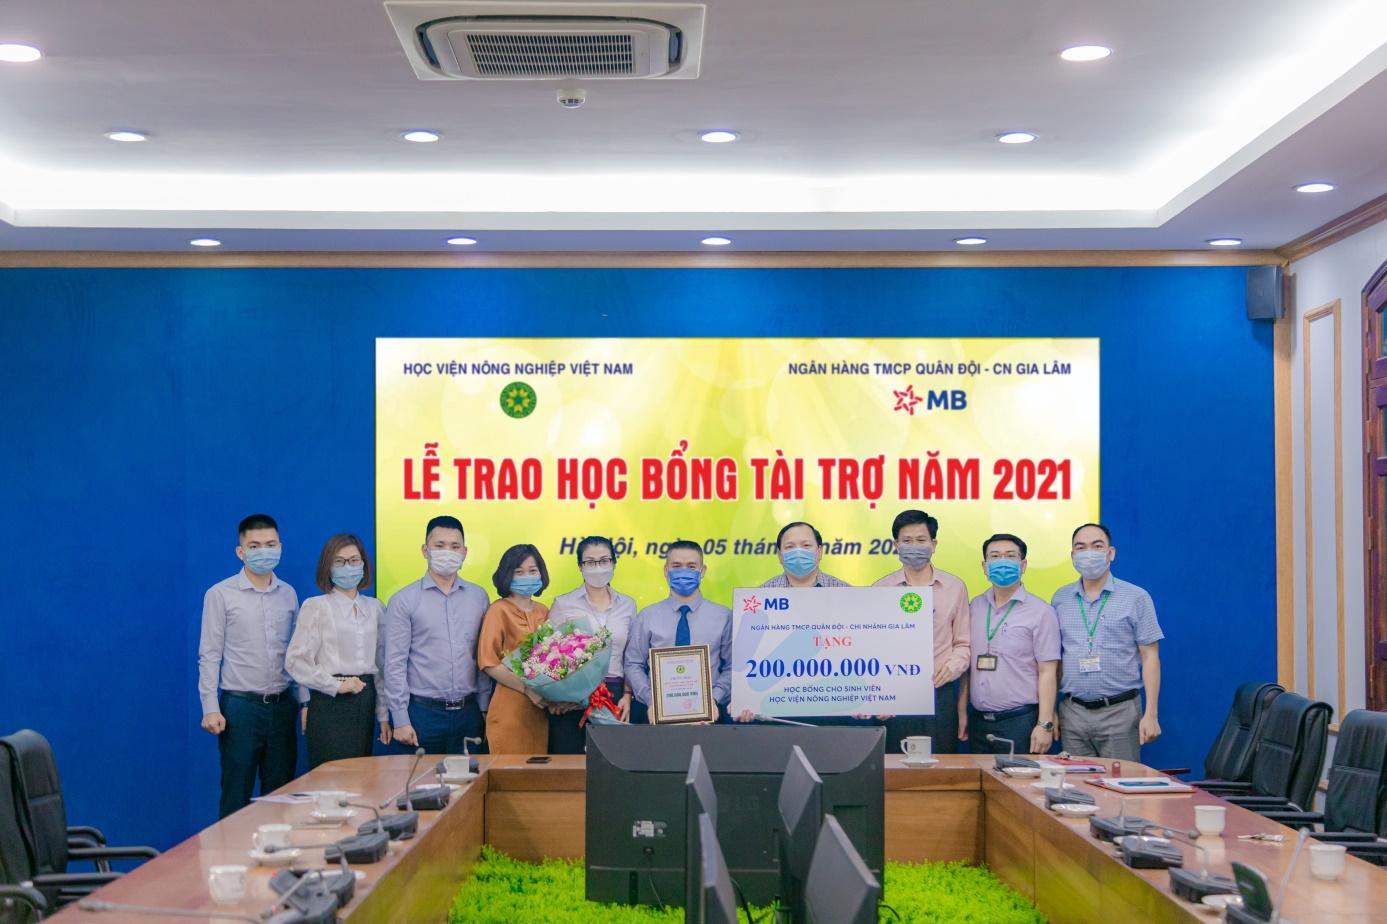 MB 200 triệu đồng học bổng cho Học viện Nông nghiệp Việt Nam - Ảnh 4.